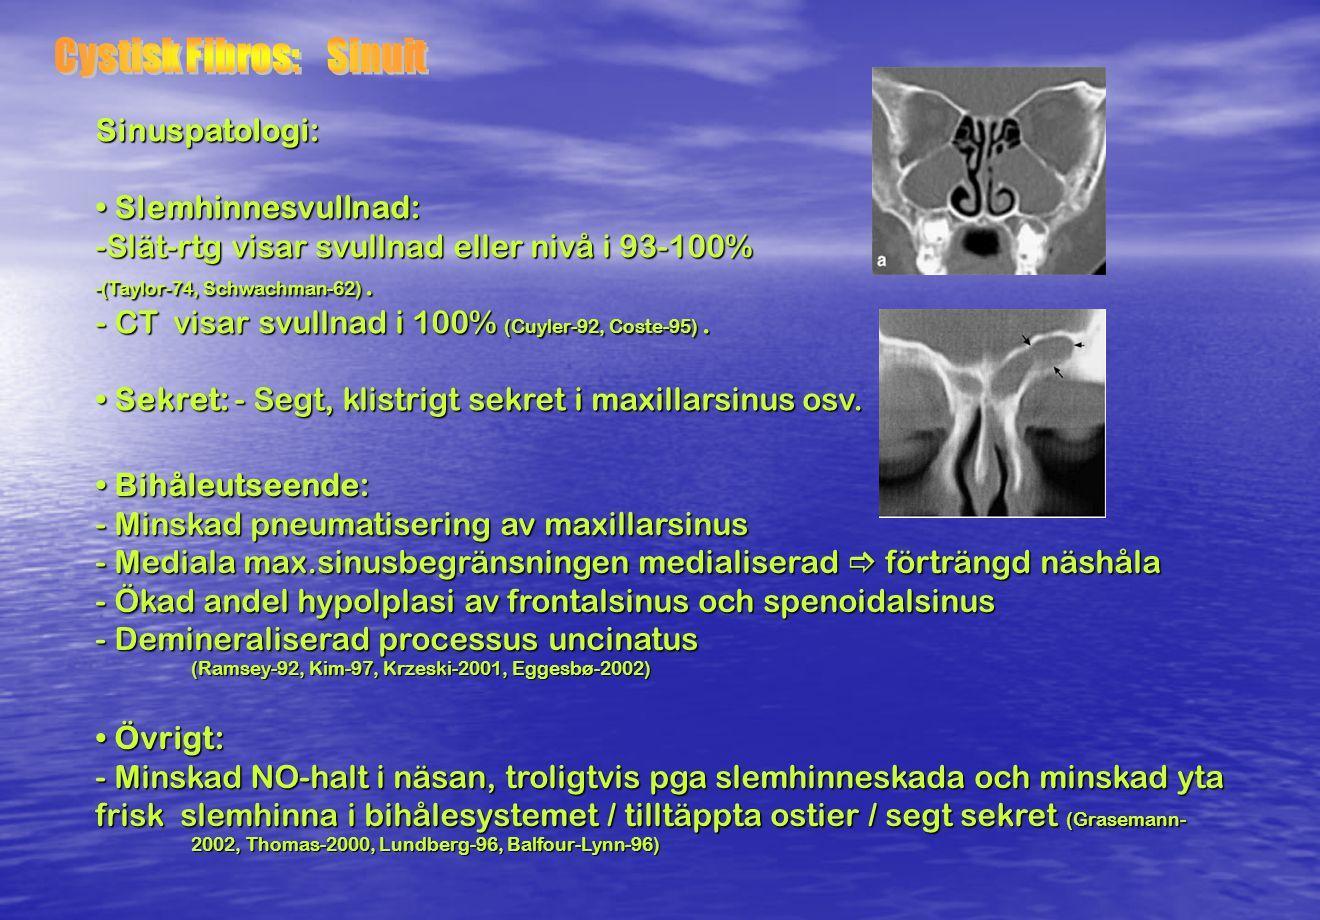 Diagnos: - Svetttest visar ökad kloridsekretion (> 60 mmol/l ) men missar 3-4 % - Hereditet (25% av syskonen riskerar att utveckla sjd) -Genotypning -Klinisk uppföljning t motsatsen är bevisad (1%) Sjukdomsutveckling: 1) Segt sekret i lungorna som infekteras av bla HI / Stafylococker samt Pseudomonas.